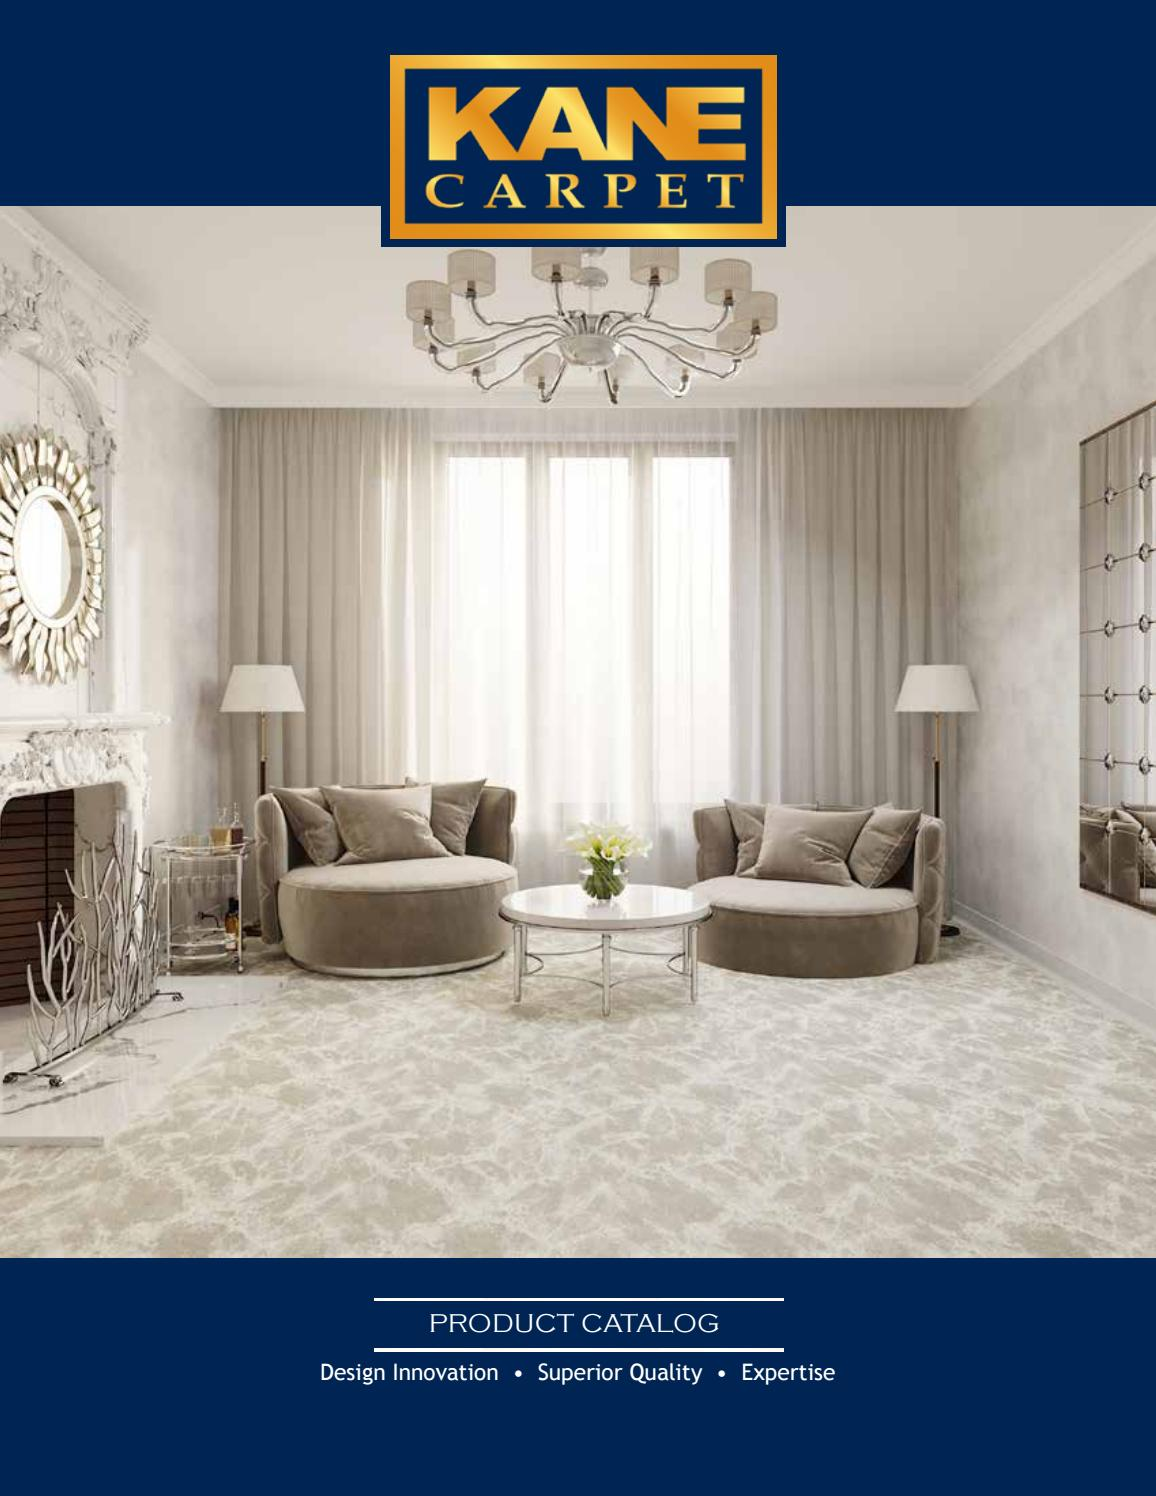 Kane Carpet Product Catalog 2018 by Kane Carpet - issuu